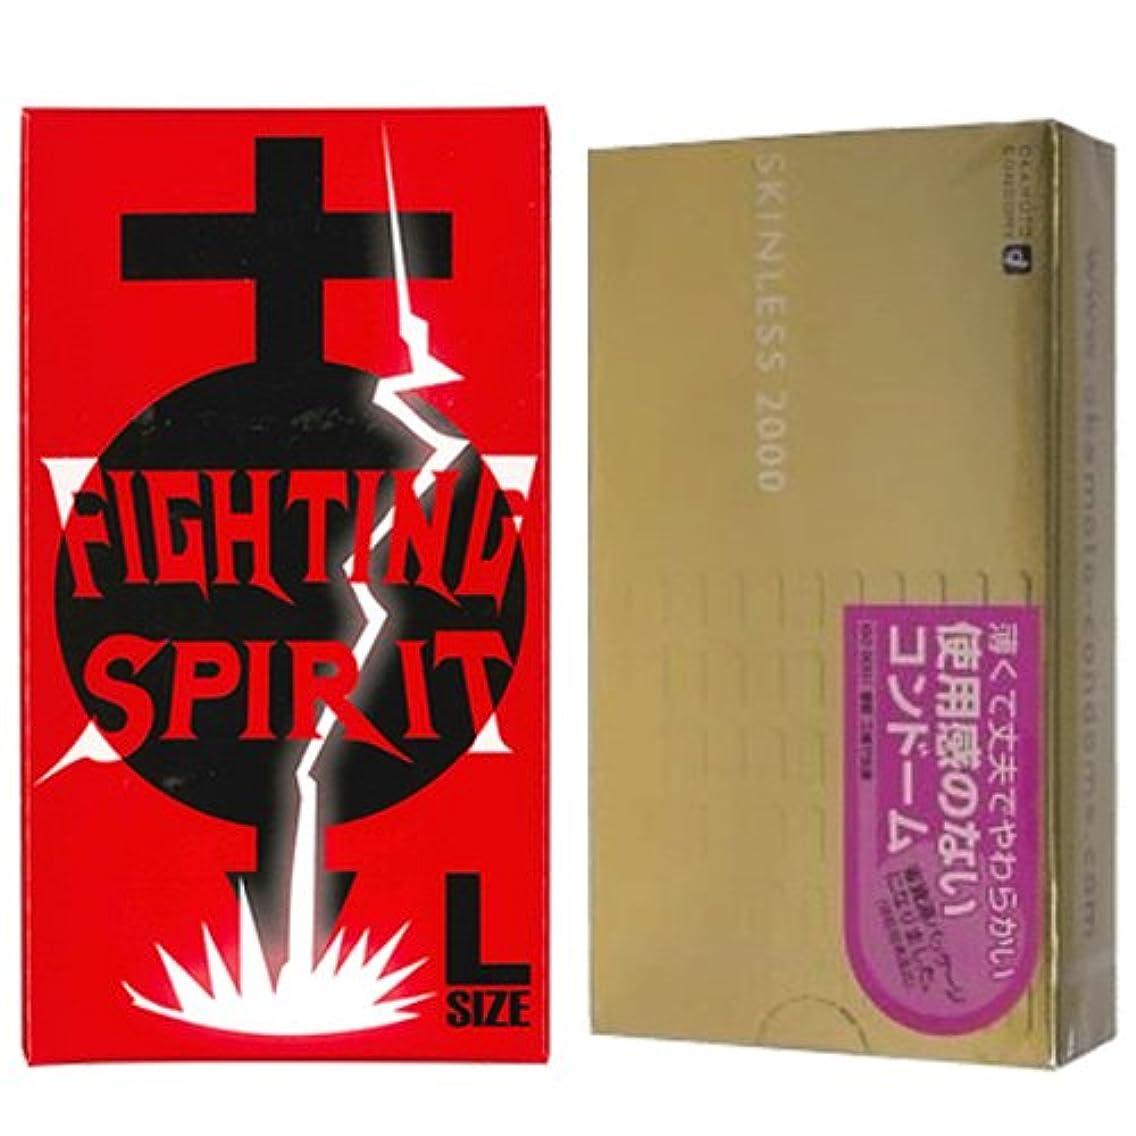 生命体スロープカスケードオカモト スキンレス 2000 12個入 + FIGHTING SPIRIT (ファイティングスピリット) コンドーム Lサイズ 12個入